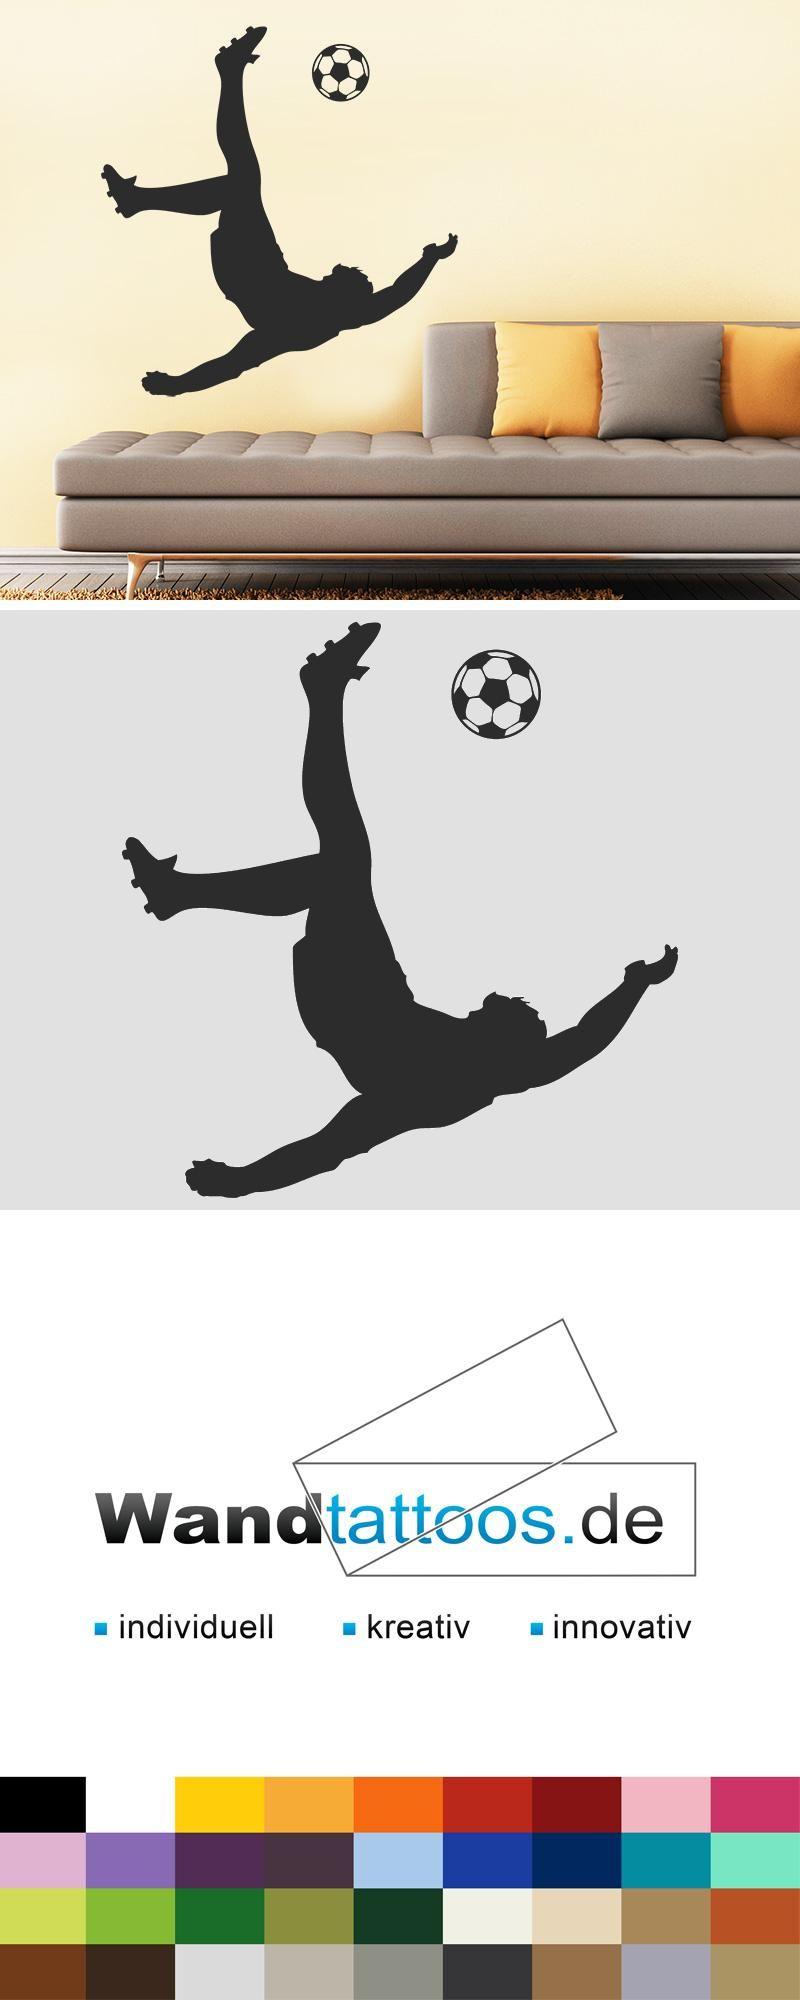 Bezaubernd Wandtattoo Fußball Dekoration Von Fußball S Als Idee Zur Individuellen Wandgestaltung.